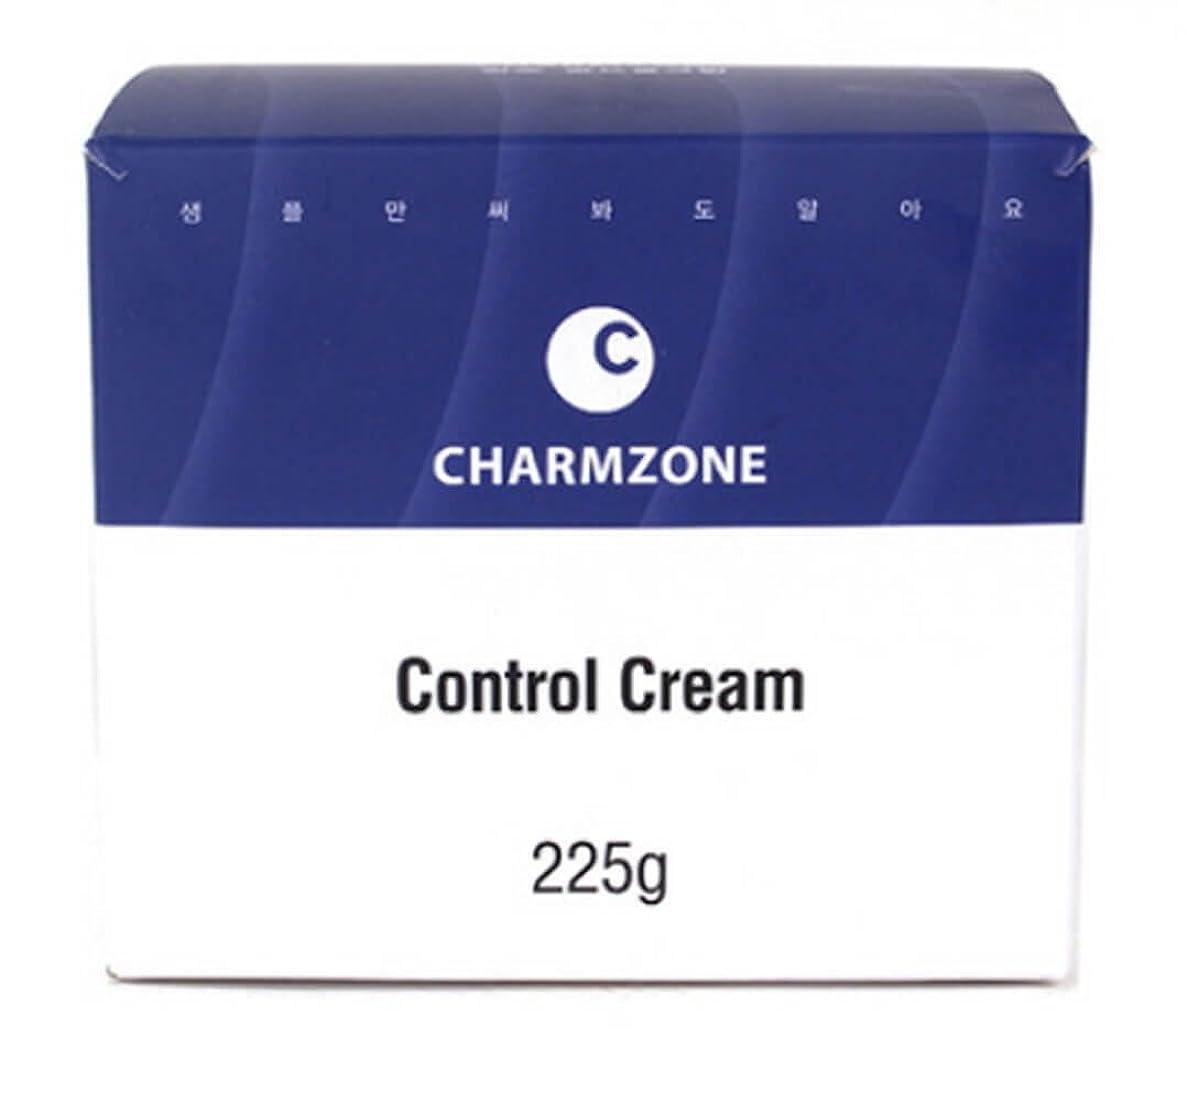 チェリー酔って反論者[チャムジョン] CharmZone コントロールクリーム マッサージ 栄養クリーム225g 海外直送品 (Control Cream Massage Nutrition Cream 225g)